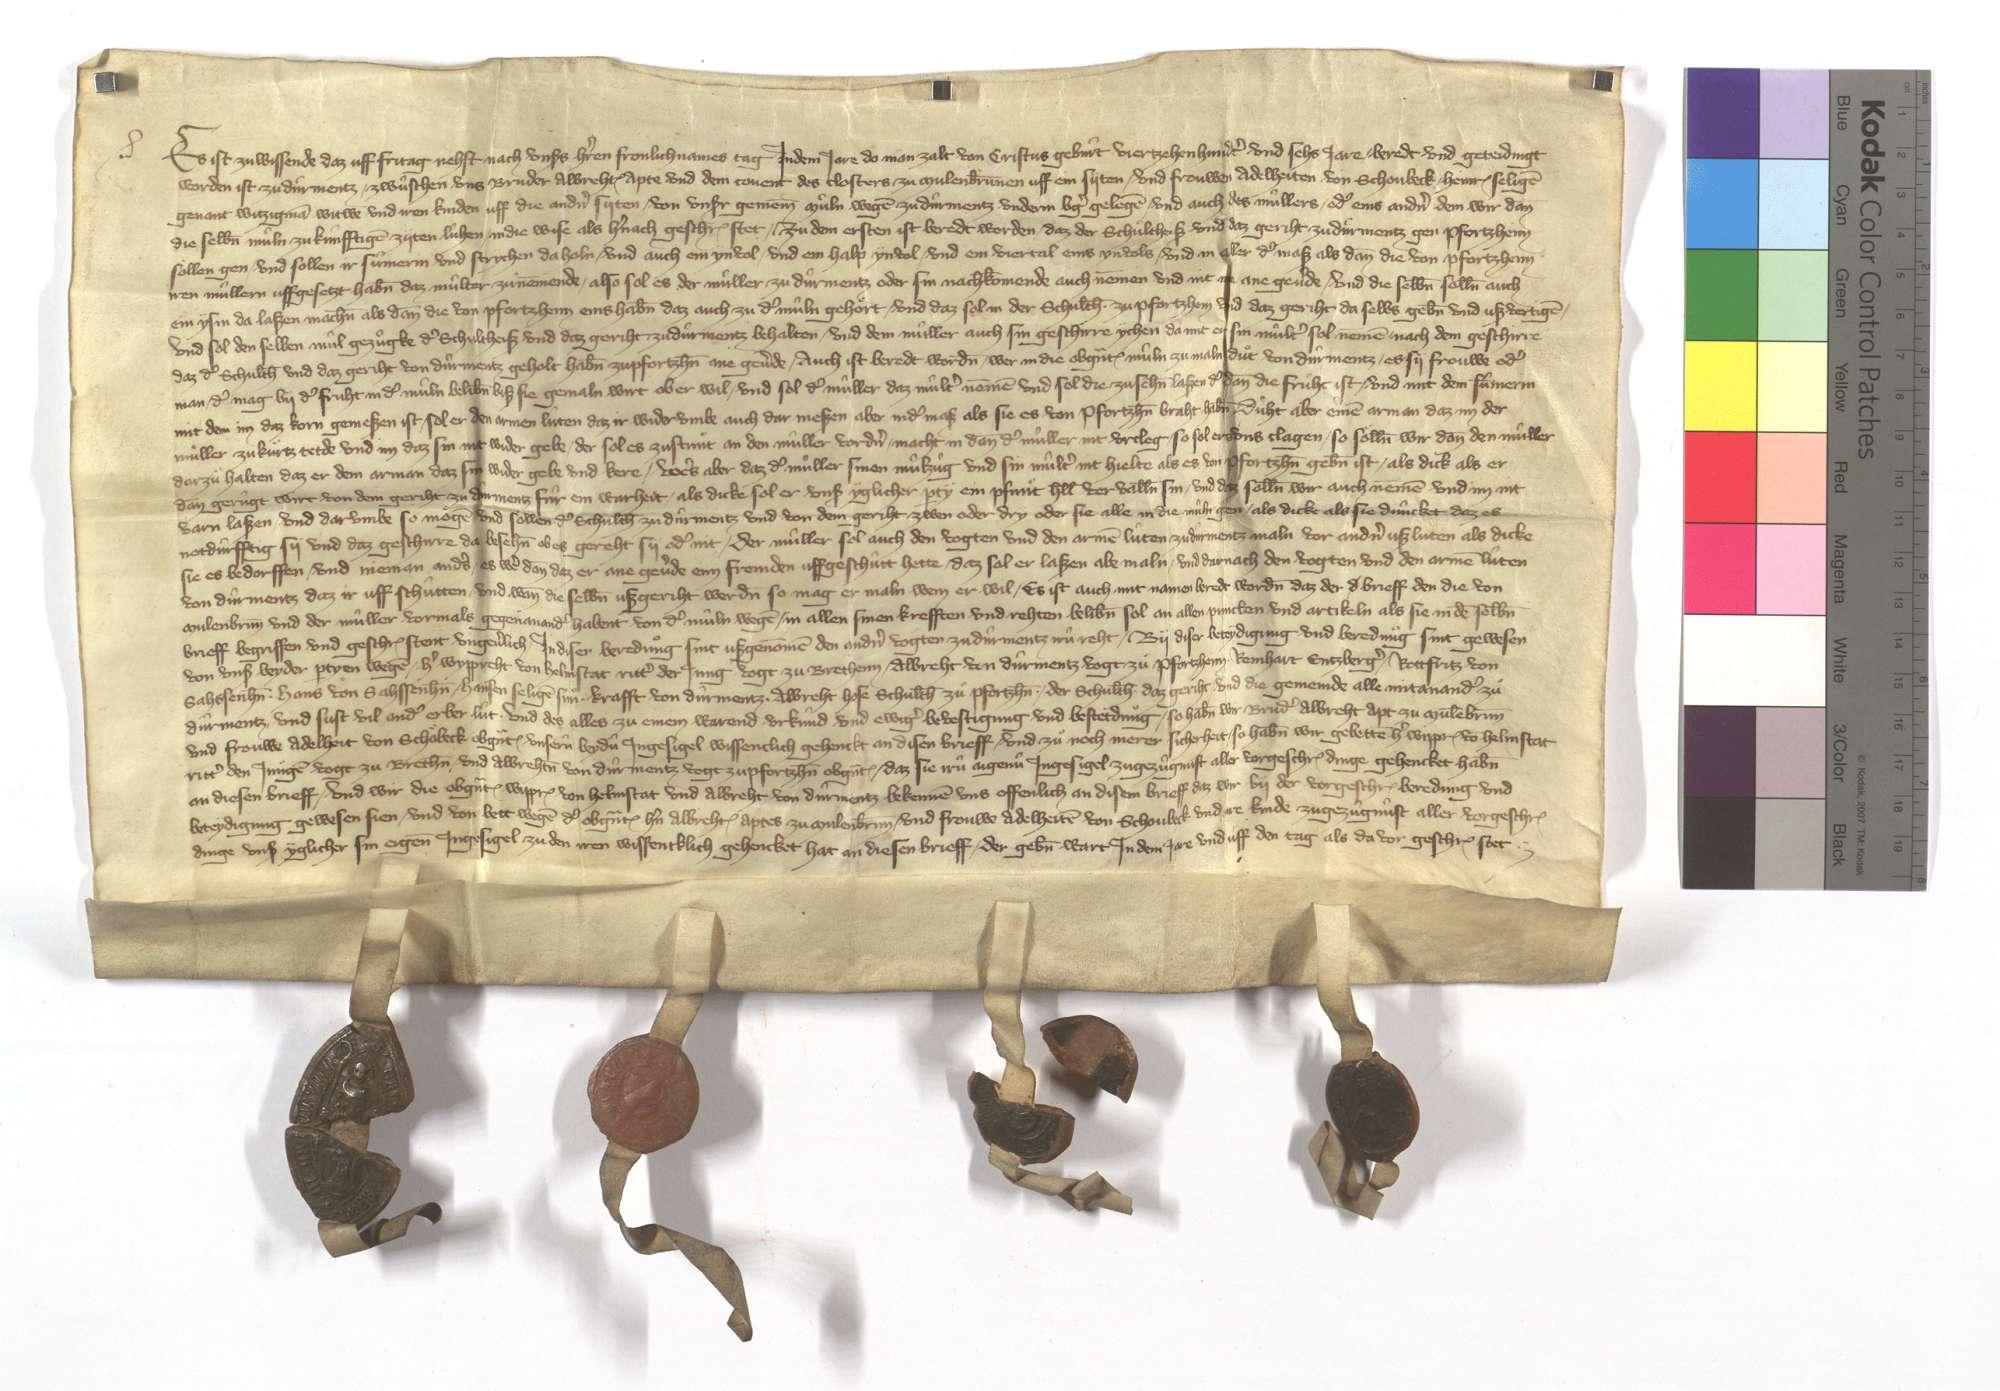 Fertigung zwischen dem Kloster Maulbronn und Adelheid von Schonbeck (Schöbeck), wie es mit dem Müller in der Mühle in Dürrmenz gehalten werden solle., Text